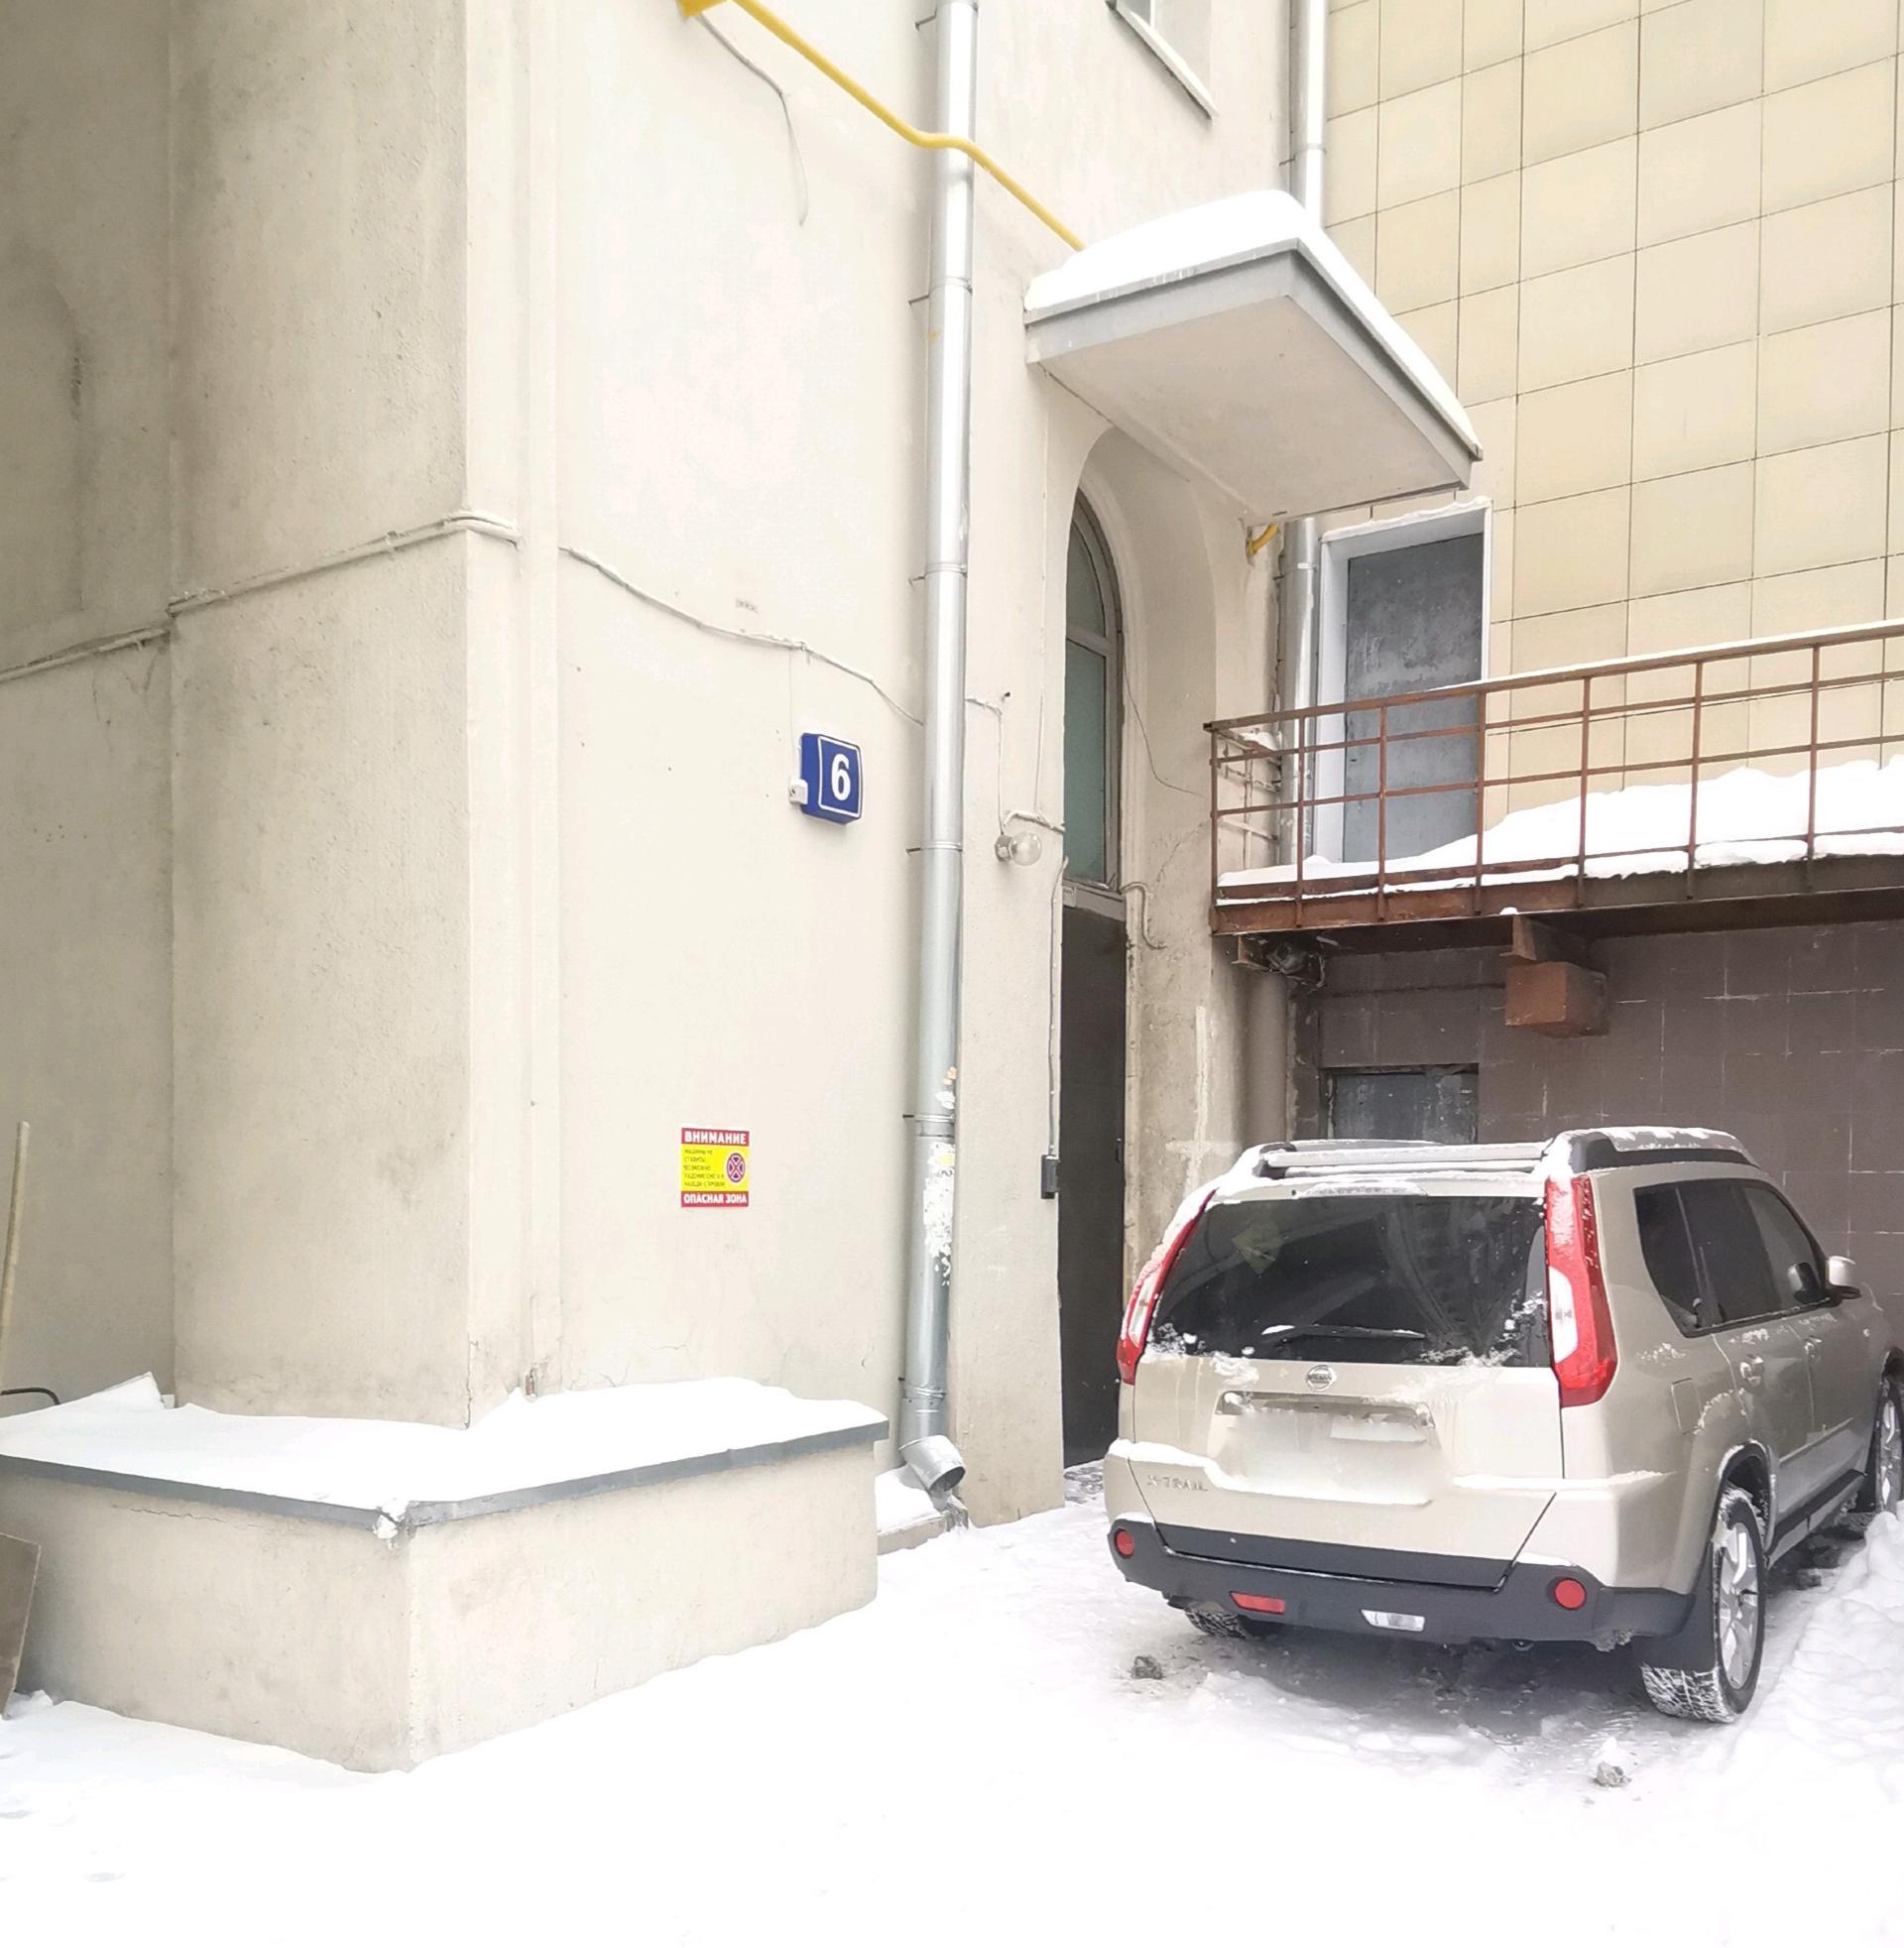 Дом № 6 поСпартаковской улице в Москве